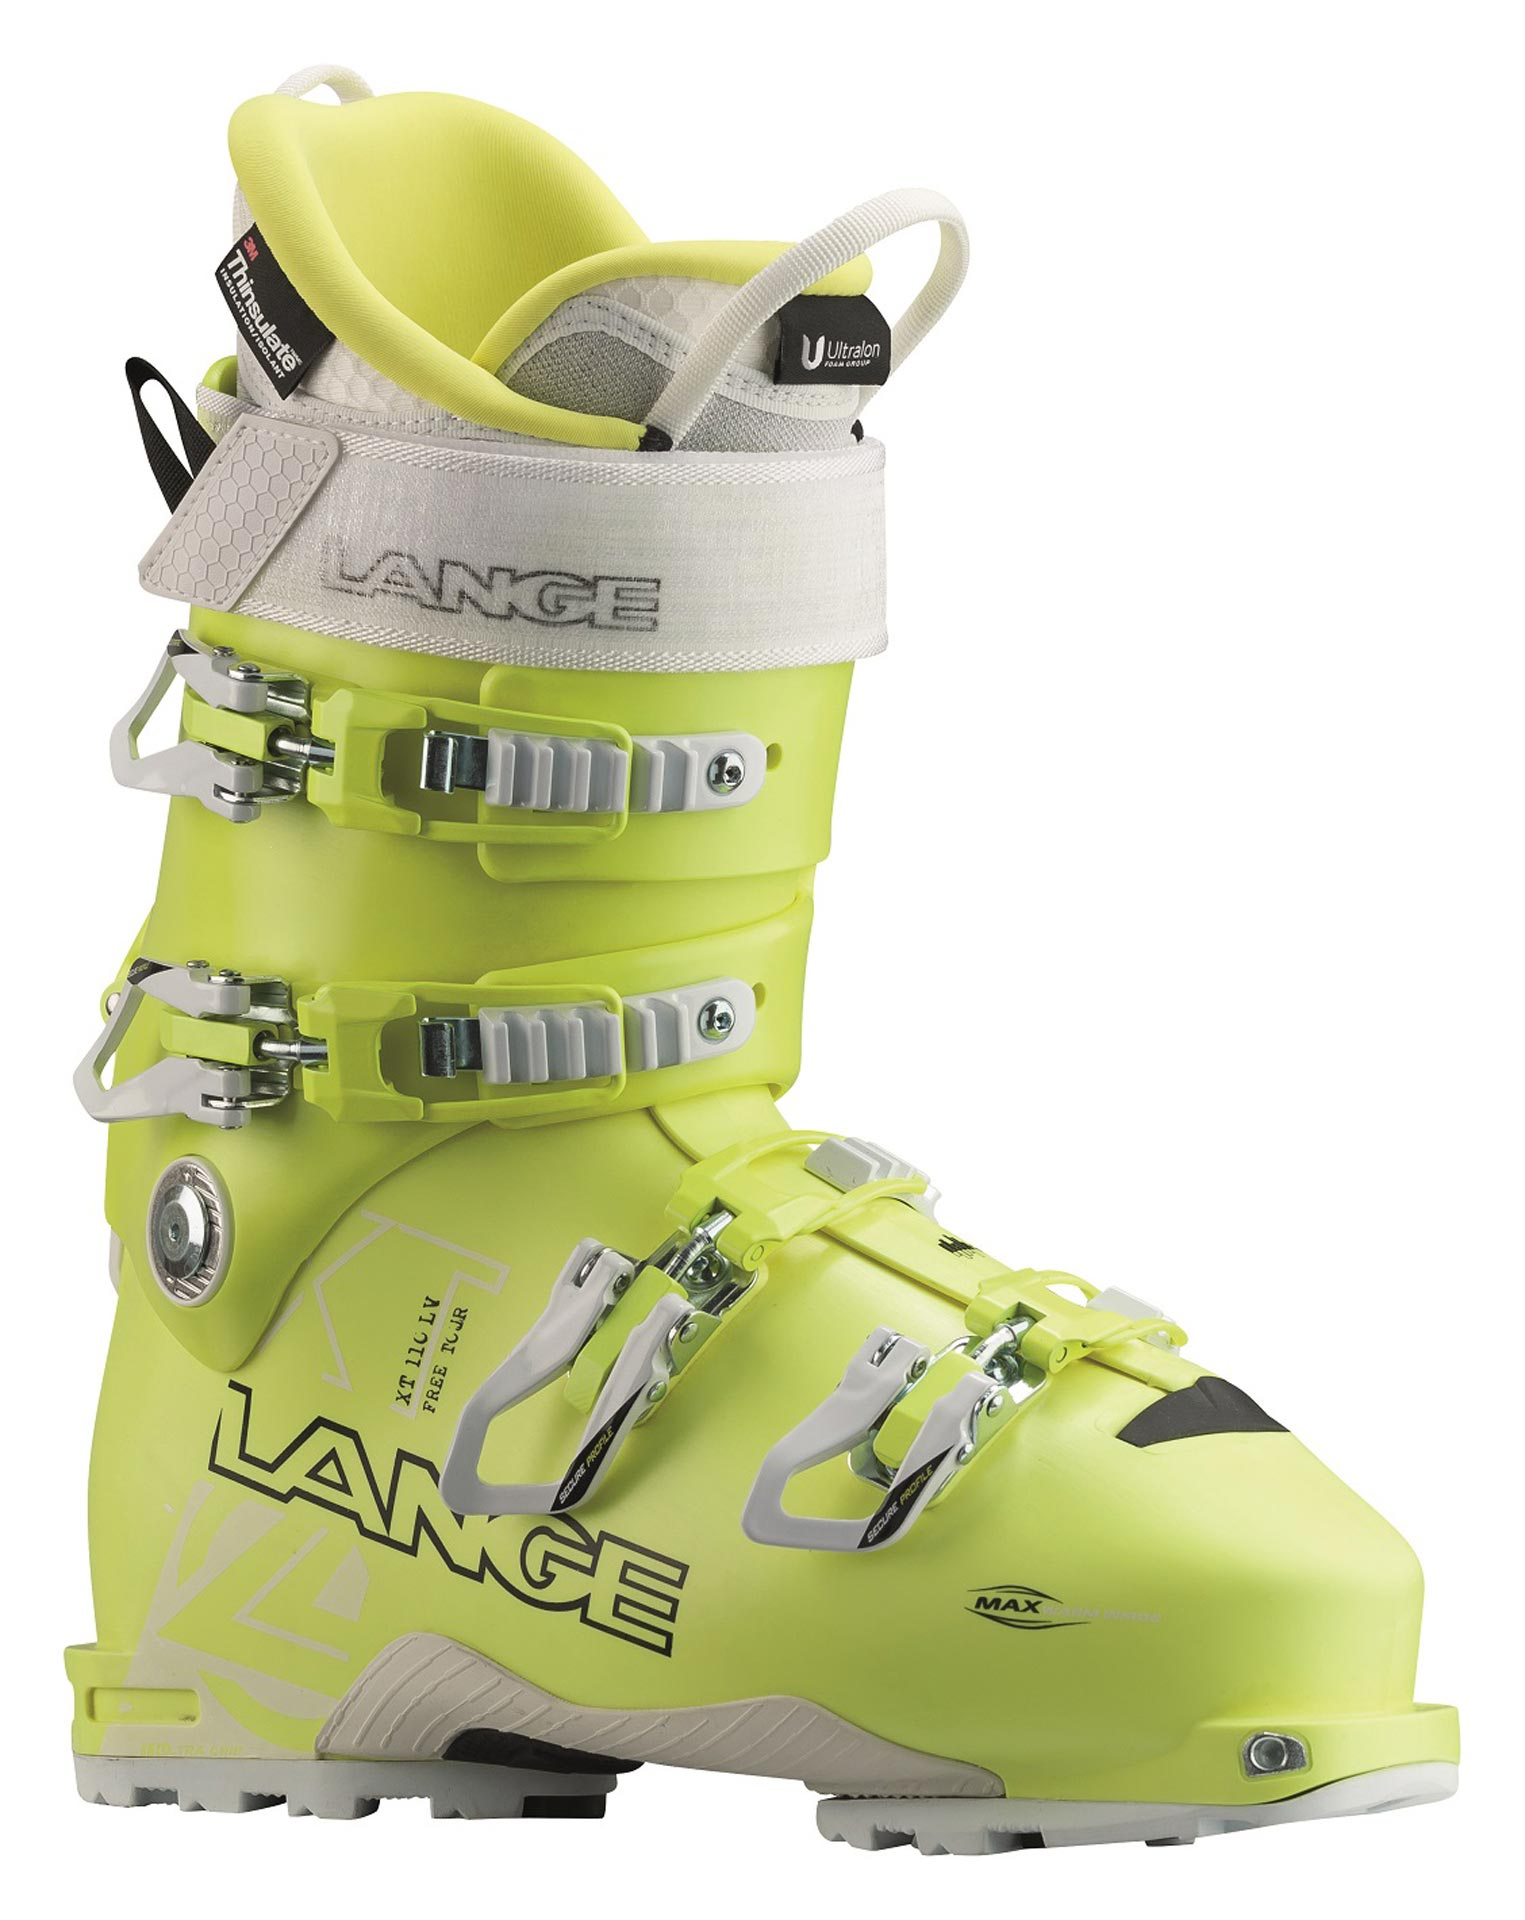 """Nicht nur für Männer: Auch Skifahrerinnen mit Anspruch kommen in den Genuss der neuen Sensation. Der neue Lange XT 110 L.V. FREETOUR W mit einer sportlichen Leistenbreite von 97 Millimeter verfügt über die gleichen Merkmale wie das männliche Pendant, ist jedoch speziell für die weibliche Morphologie gebaut. Darüber hinaus punktet er mit einem sportlich-frischen Design in knalligem Gelb. Das """"Must-Have"""" für alle Skihaserl, die abseits der Piste zu Hause sind, ist für 549,99 Euro (UVP) erhältlich."""